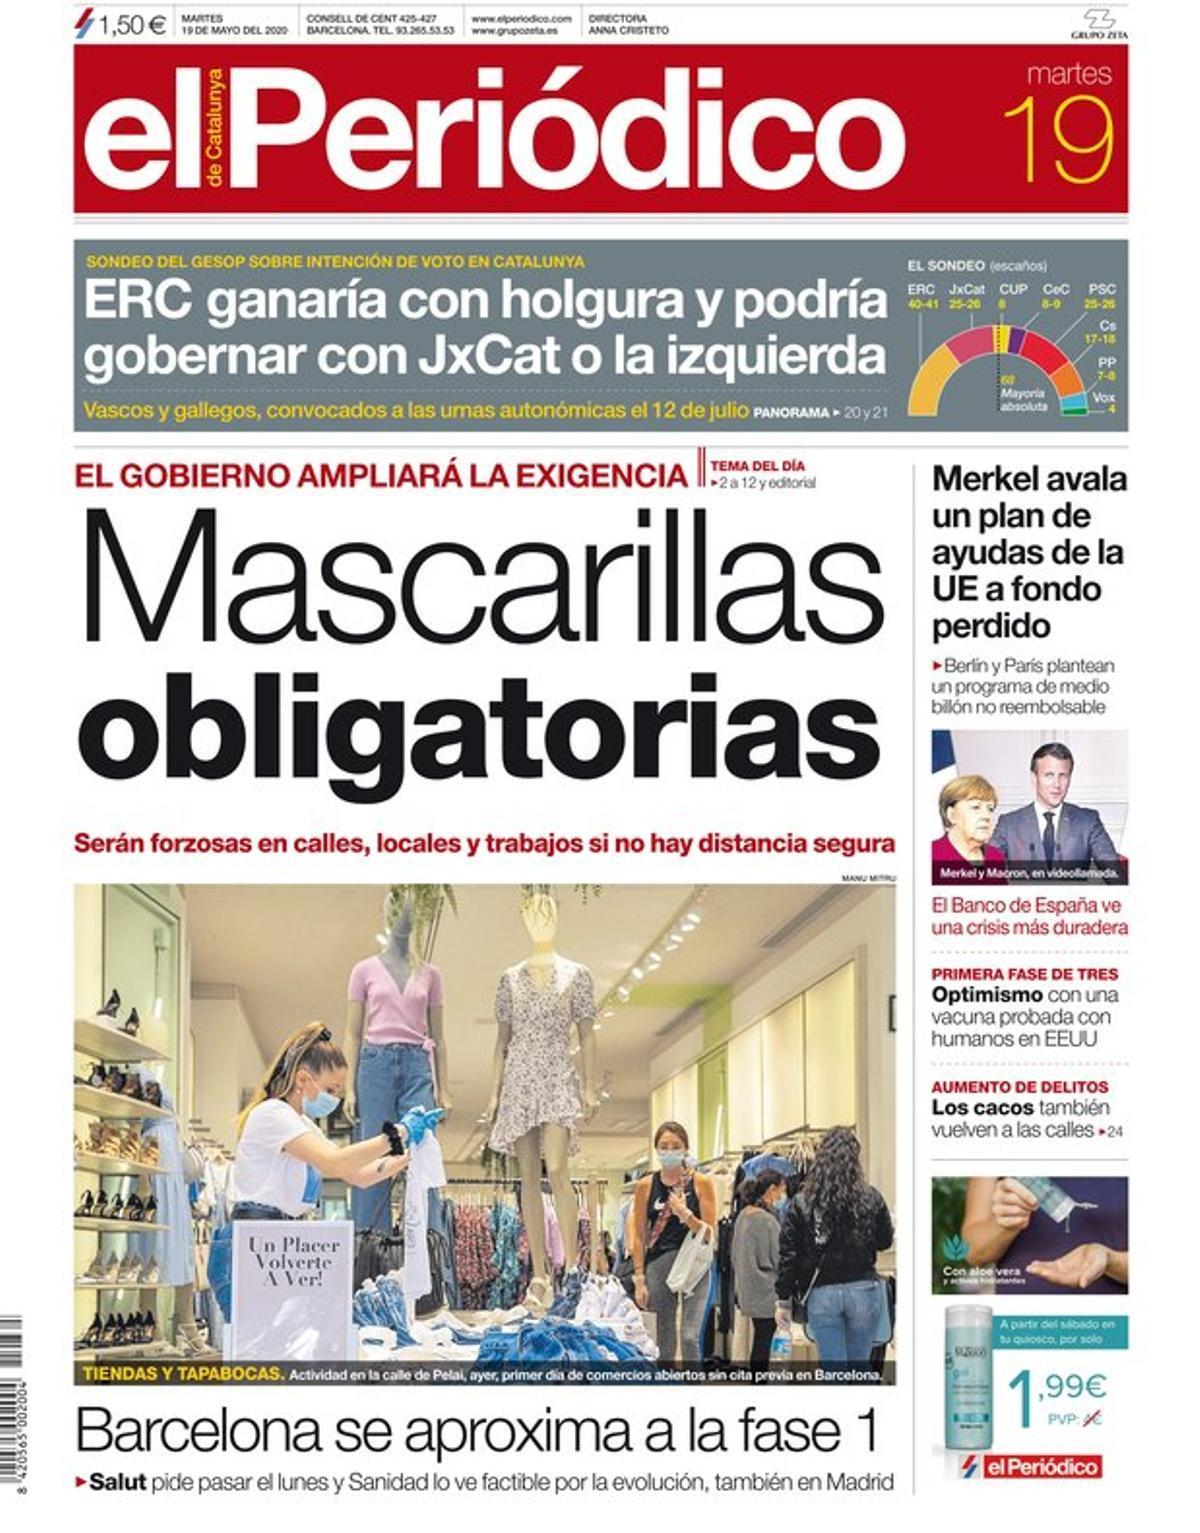 La portada de EL PERIÓDICO del 19 de mayo del 2020